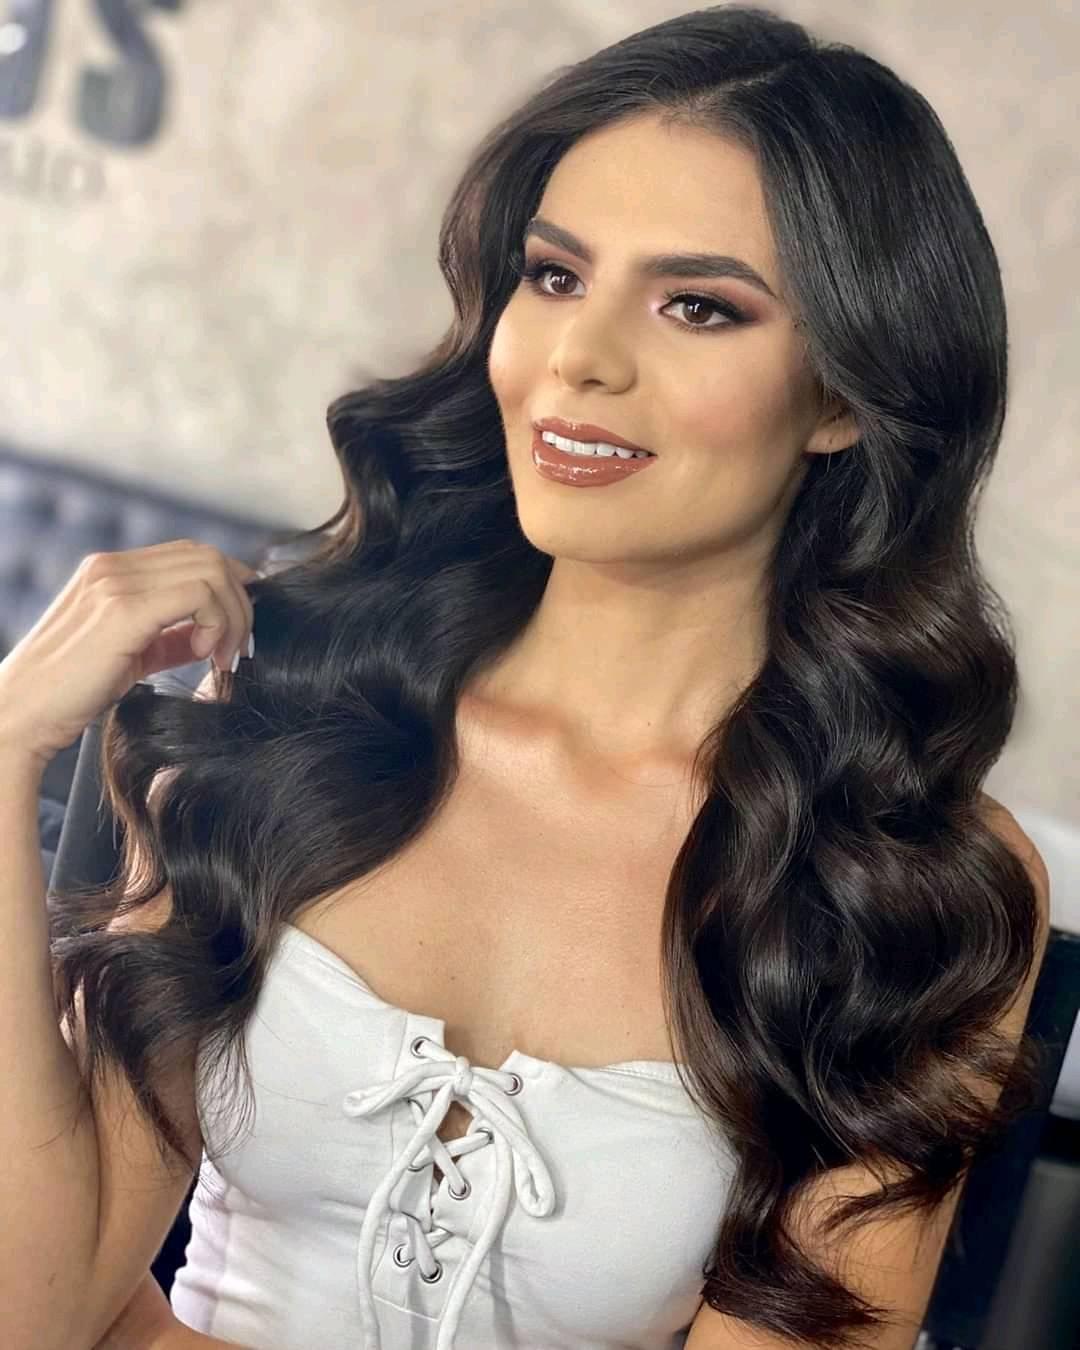 mariana macias, miss grand mexico 2021. 21960213